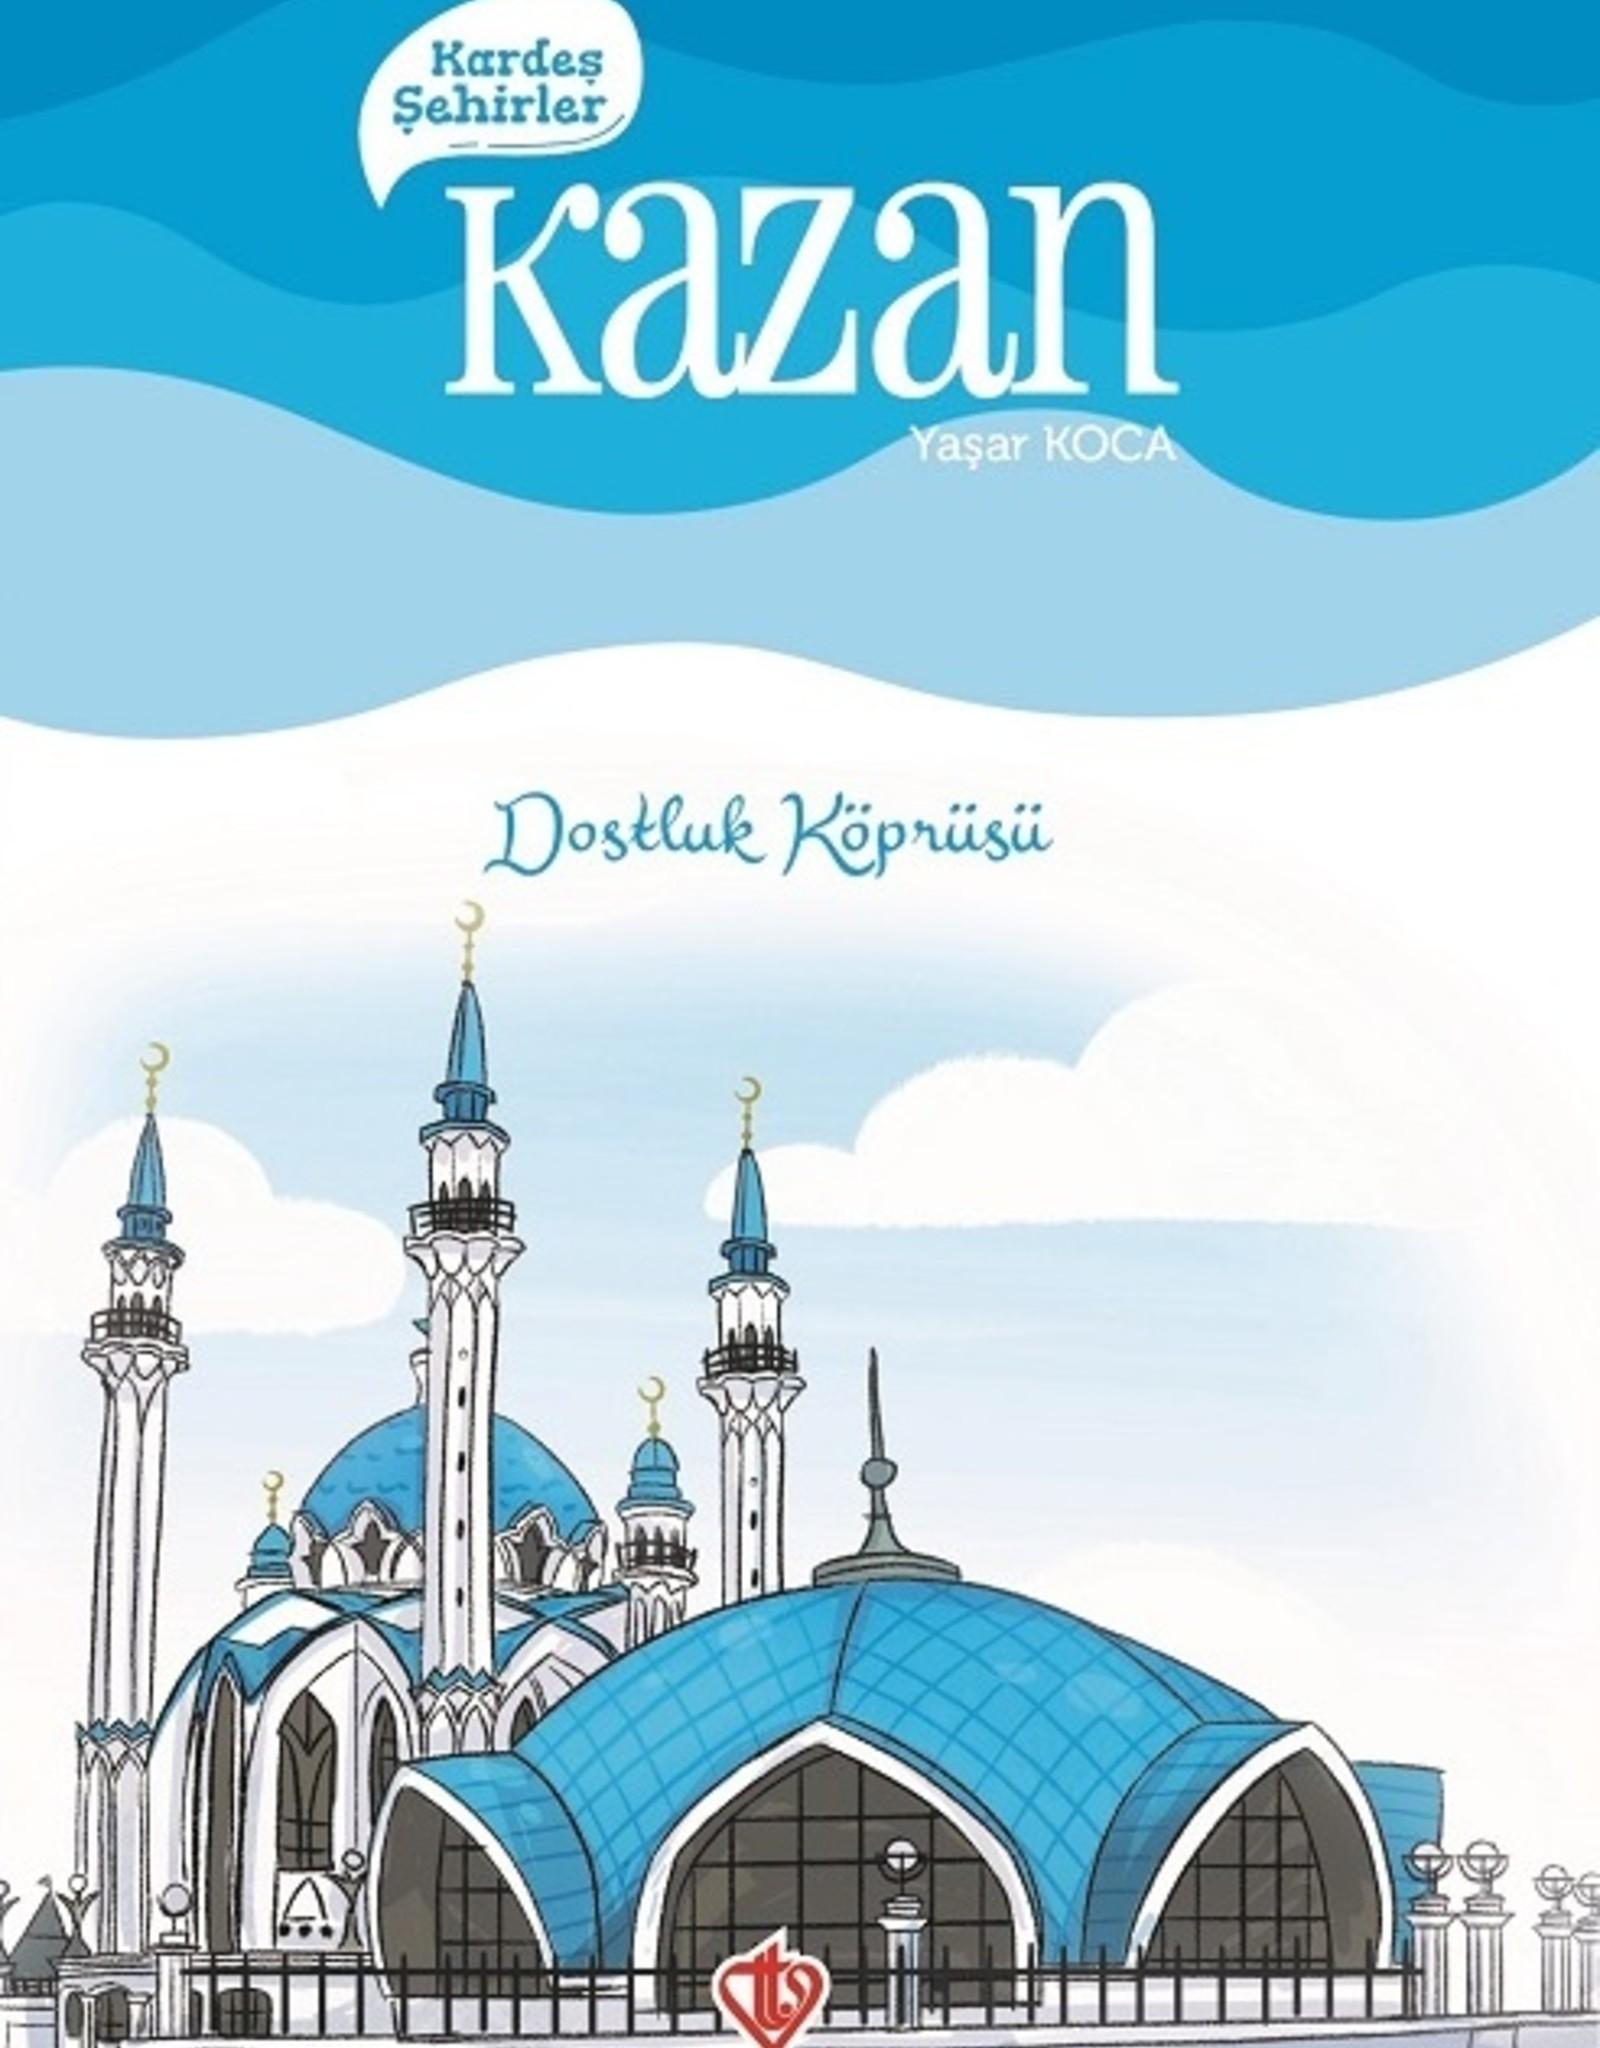 Kardeş Şehirler Kazan